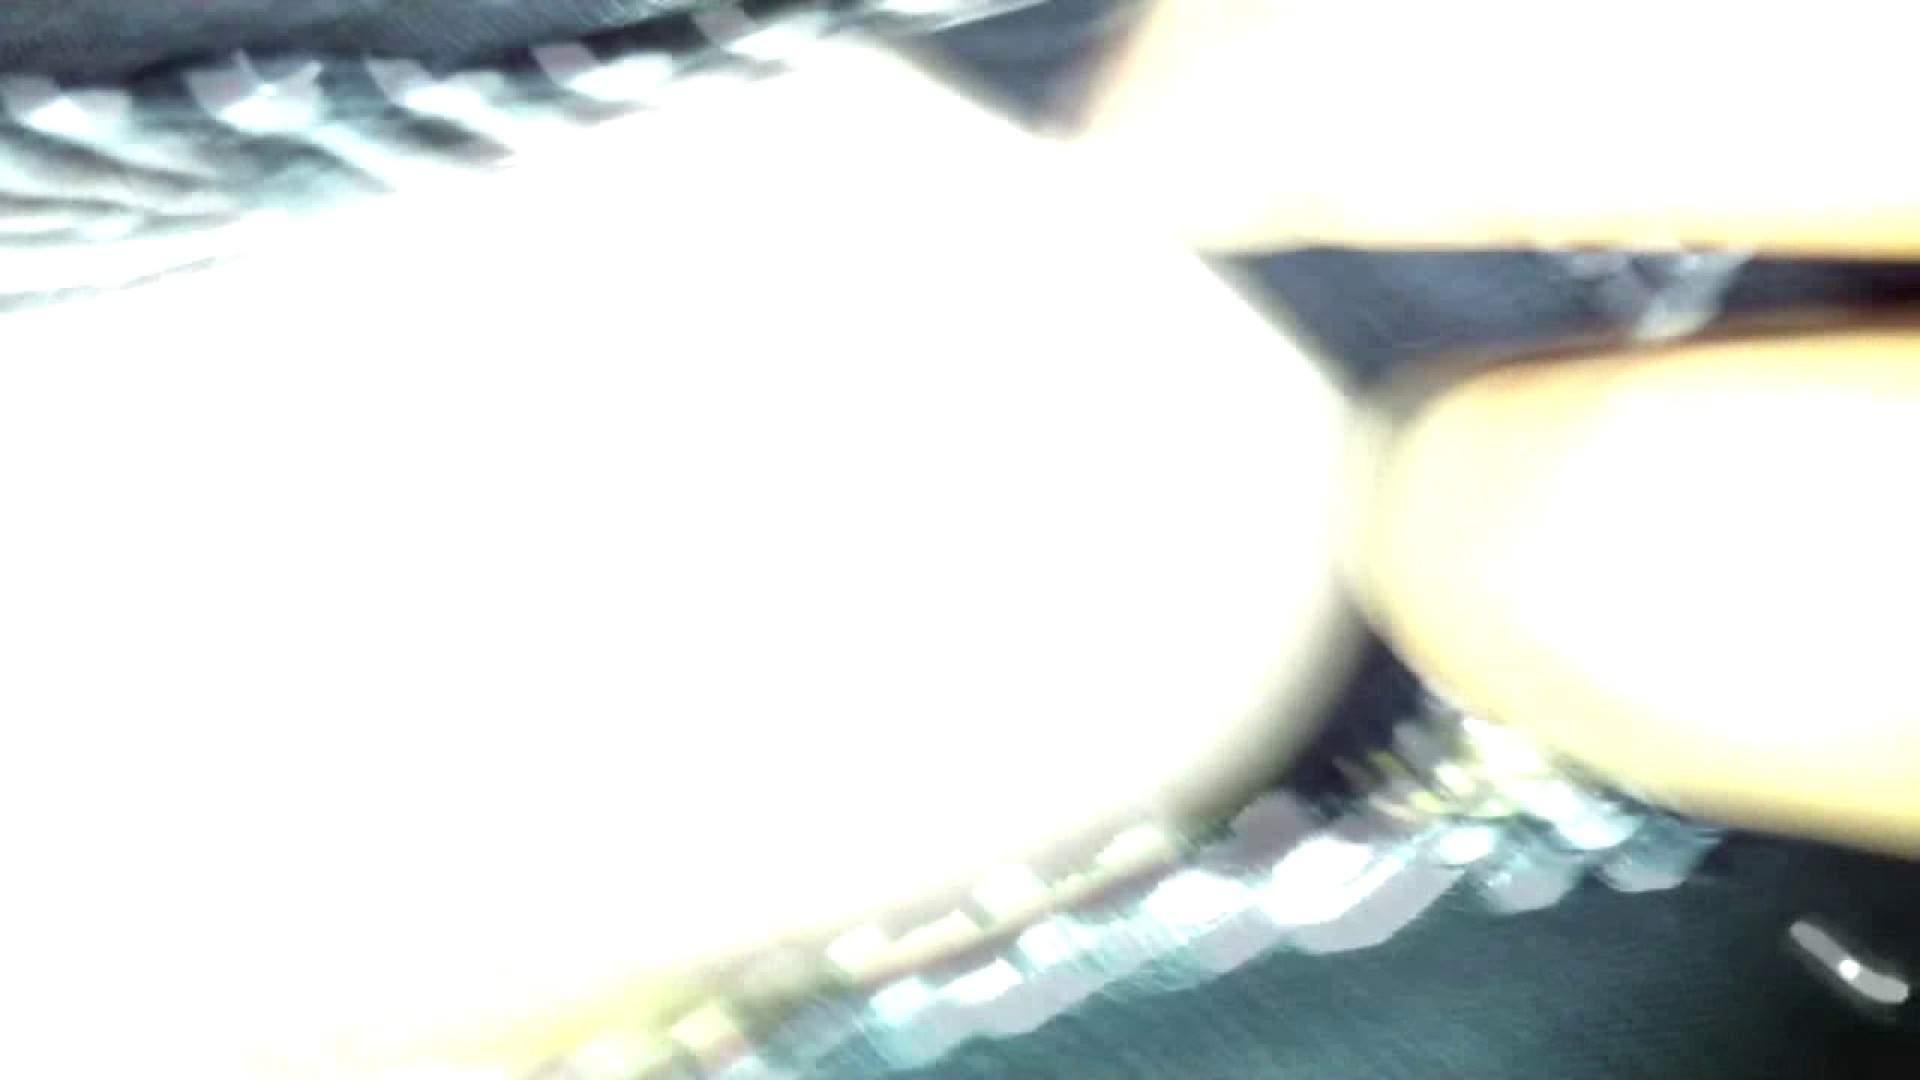 魔術師の お・も・て・な・し vol.23 アパレル店員・子供服のデザイナーにイタズラ 悪戯 女性器鑑賞 56画像 55